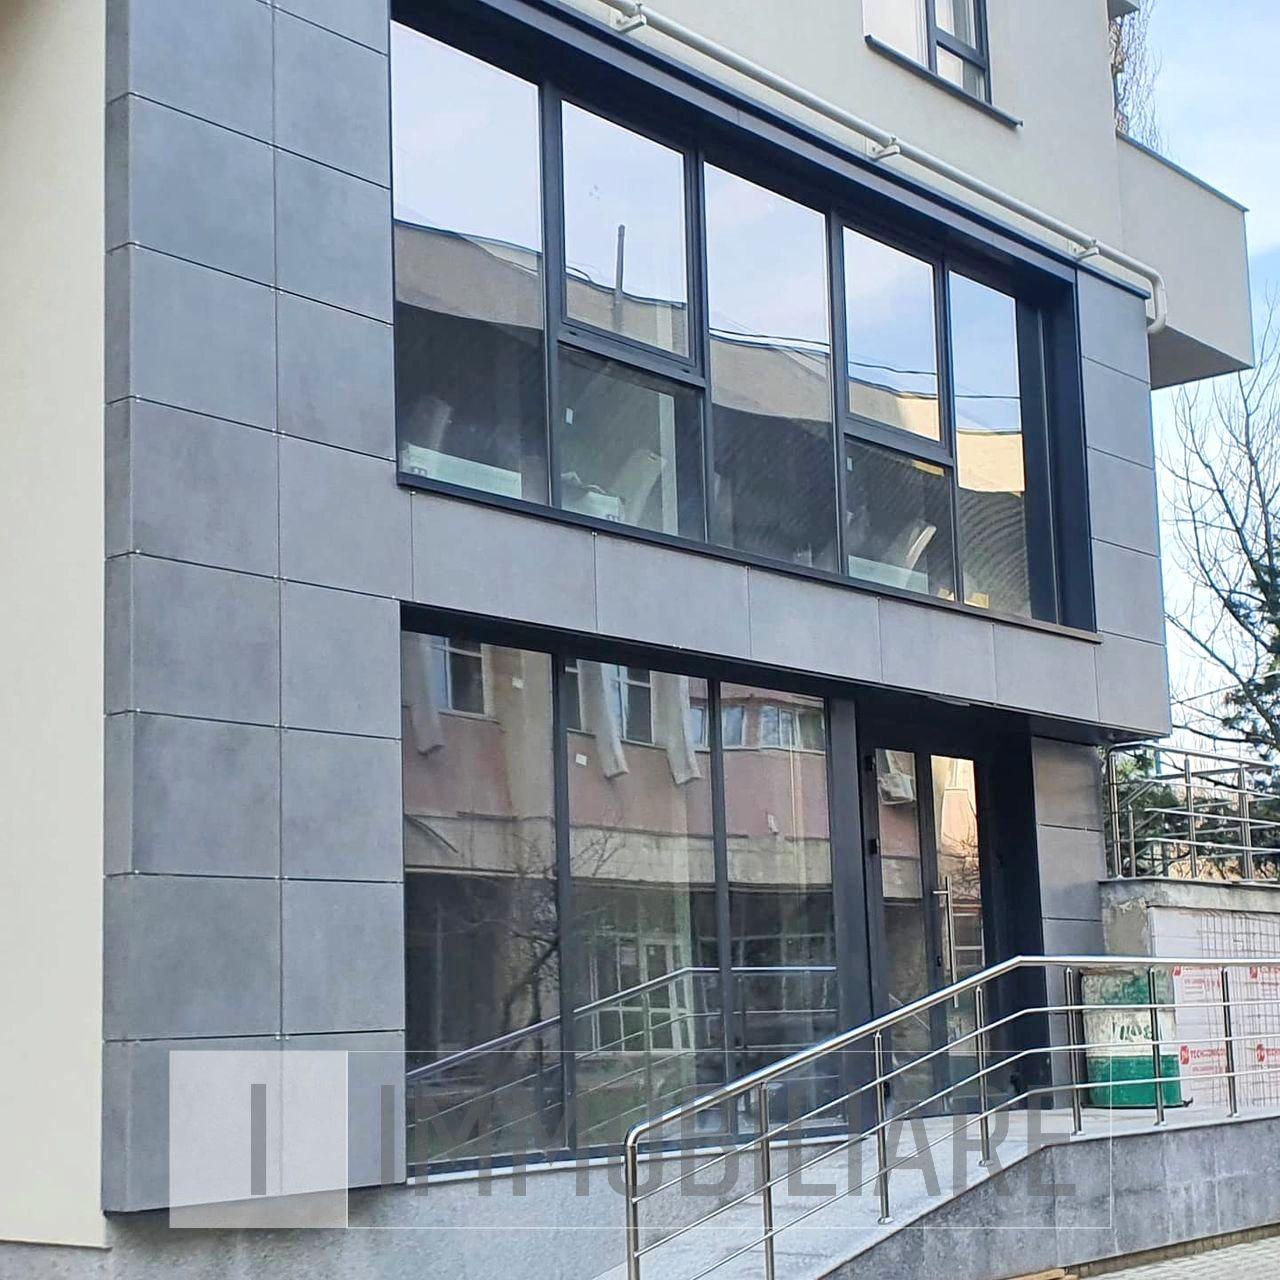 Apartament cu 1 cameră , sect. Rîșcani, str. Andrei Doga.